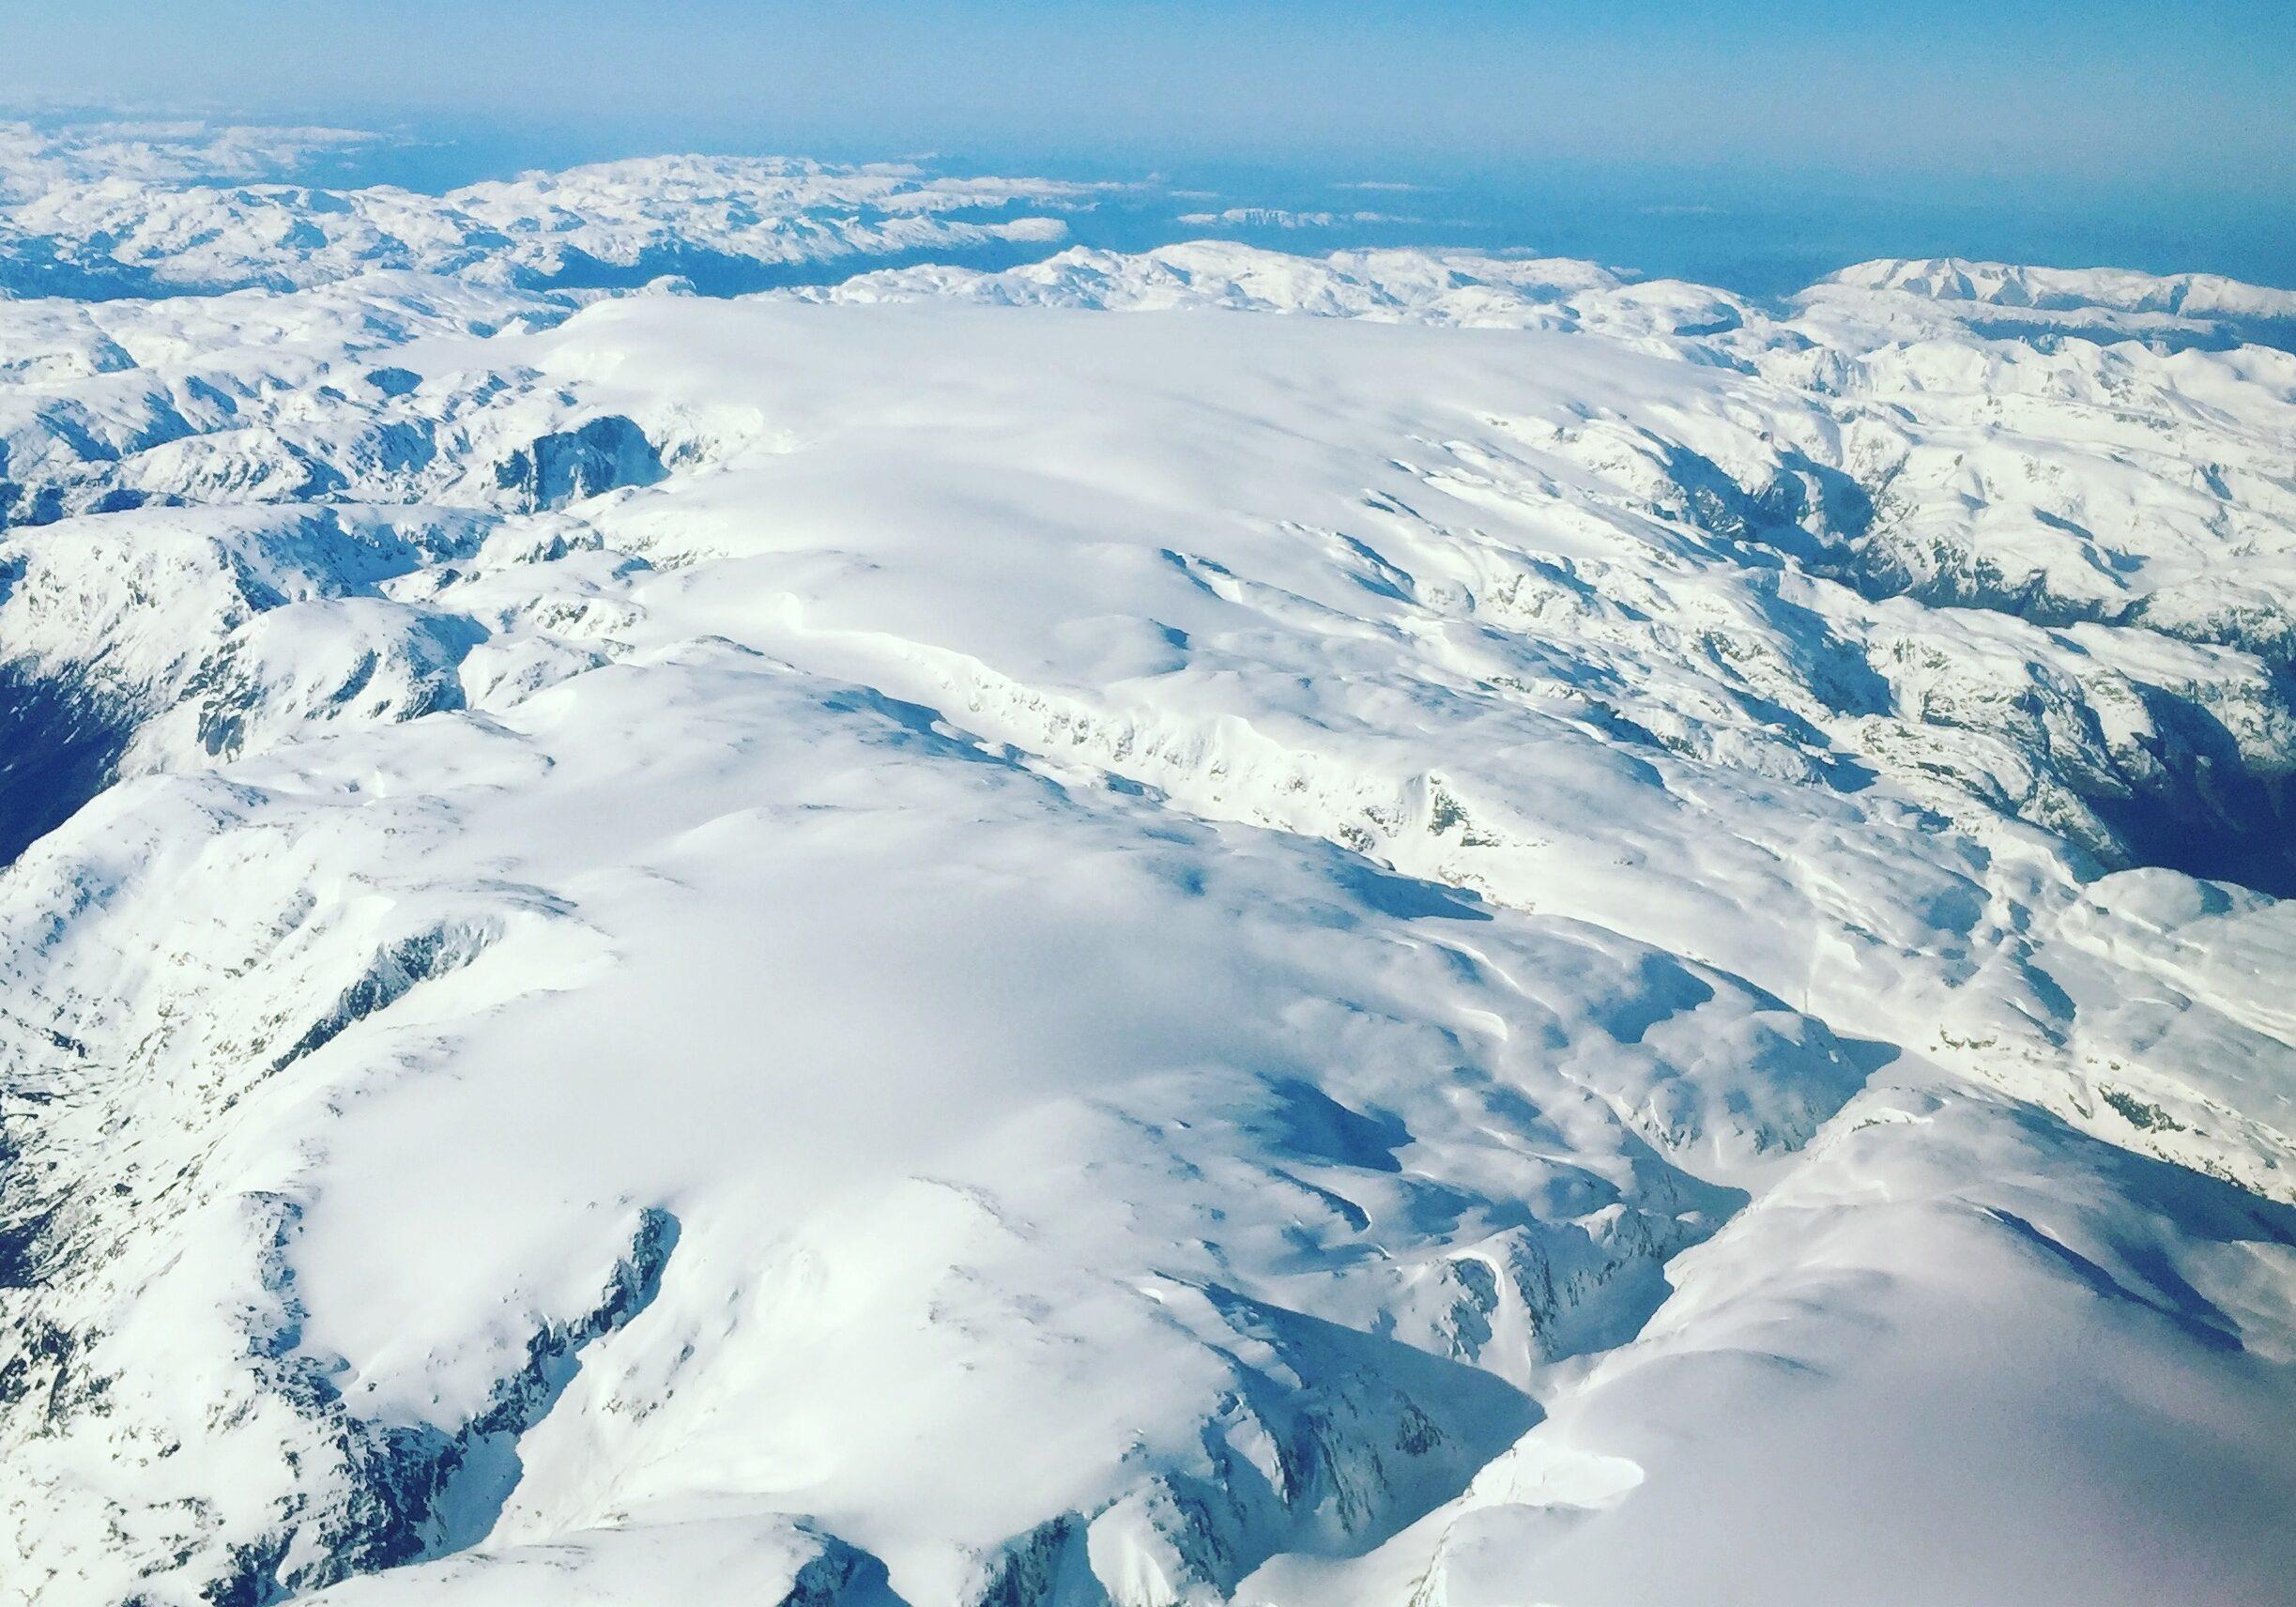 Folgefonna sett fra luften fra nord mot sør.